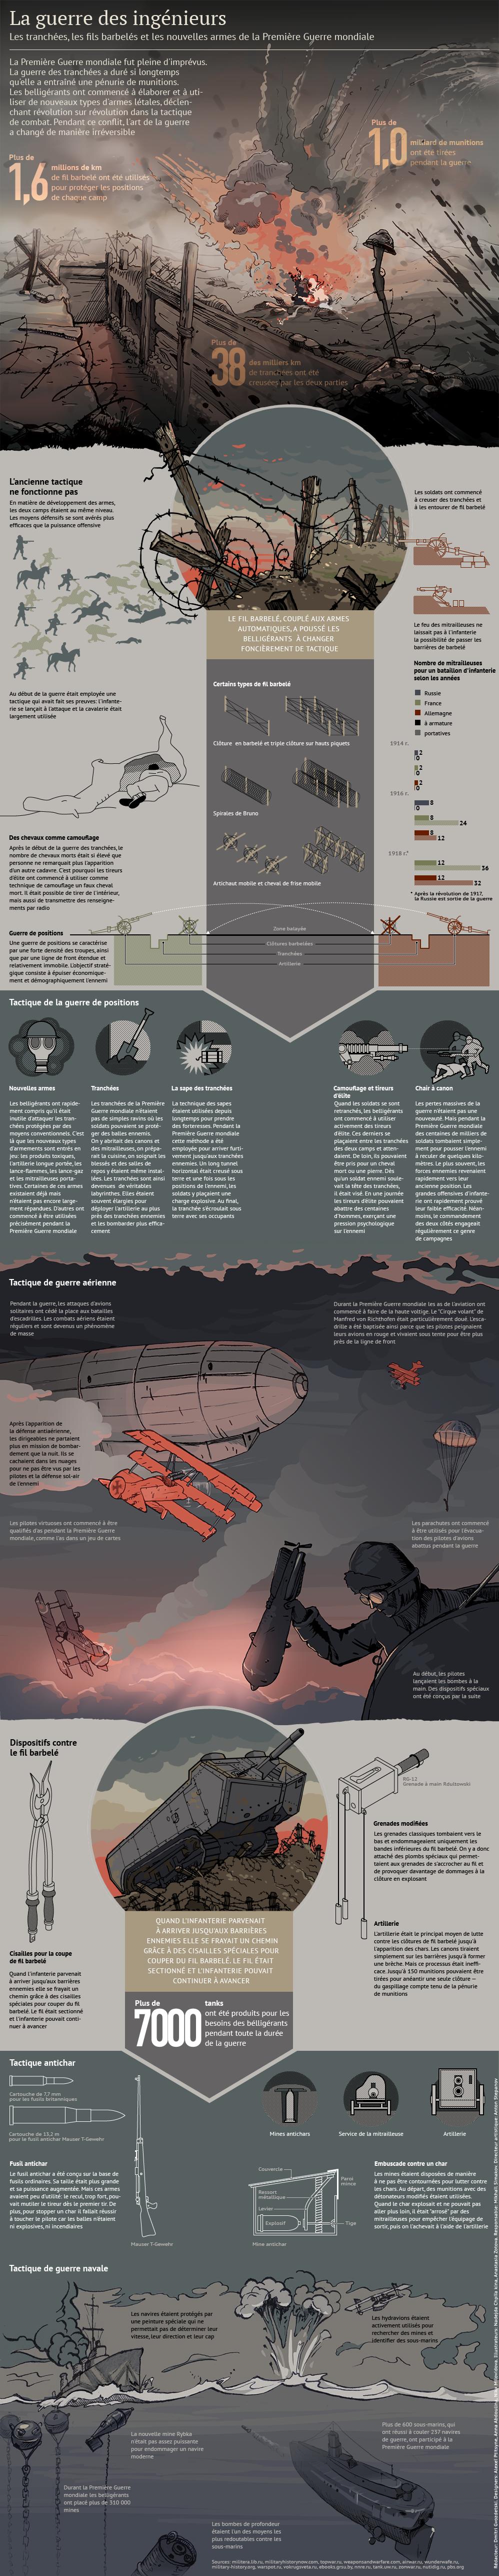 Nouveautés militaires de la Première Guerre mondiale - Sputnik France